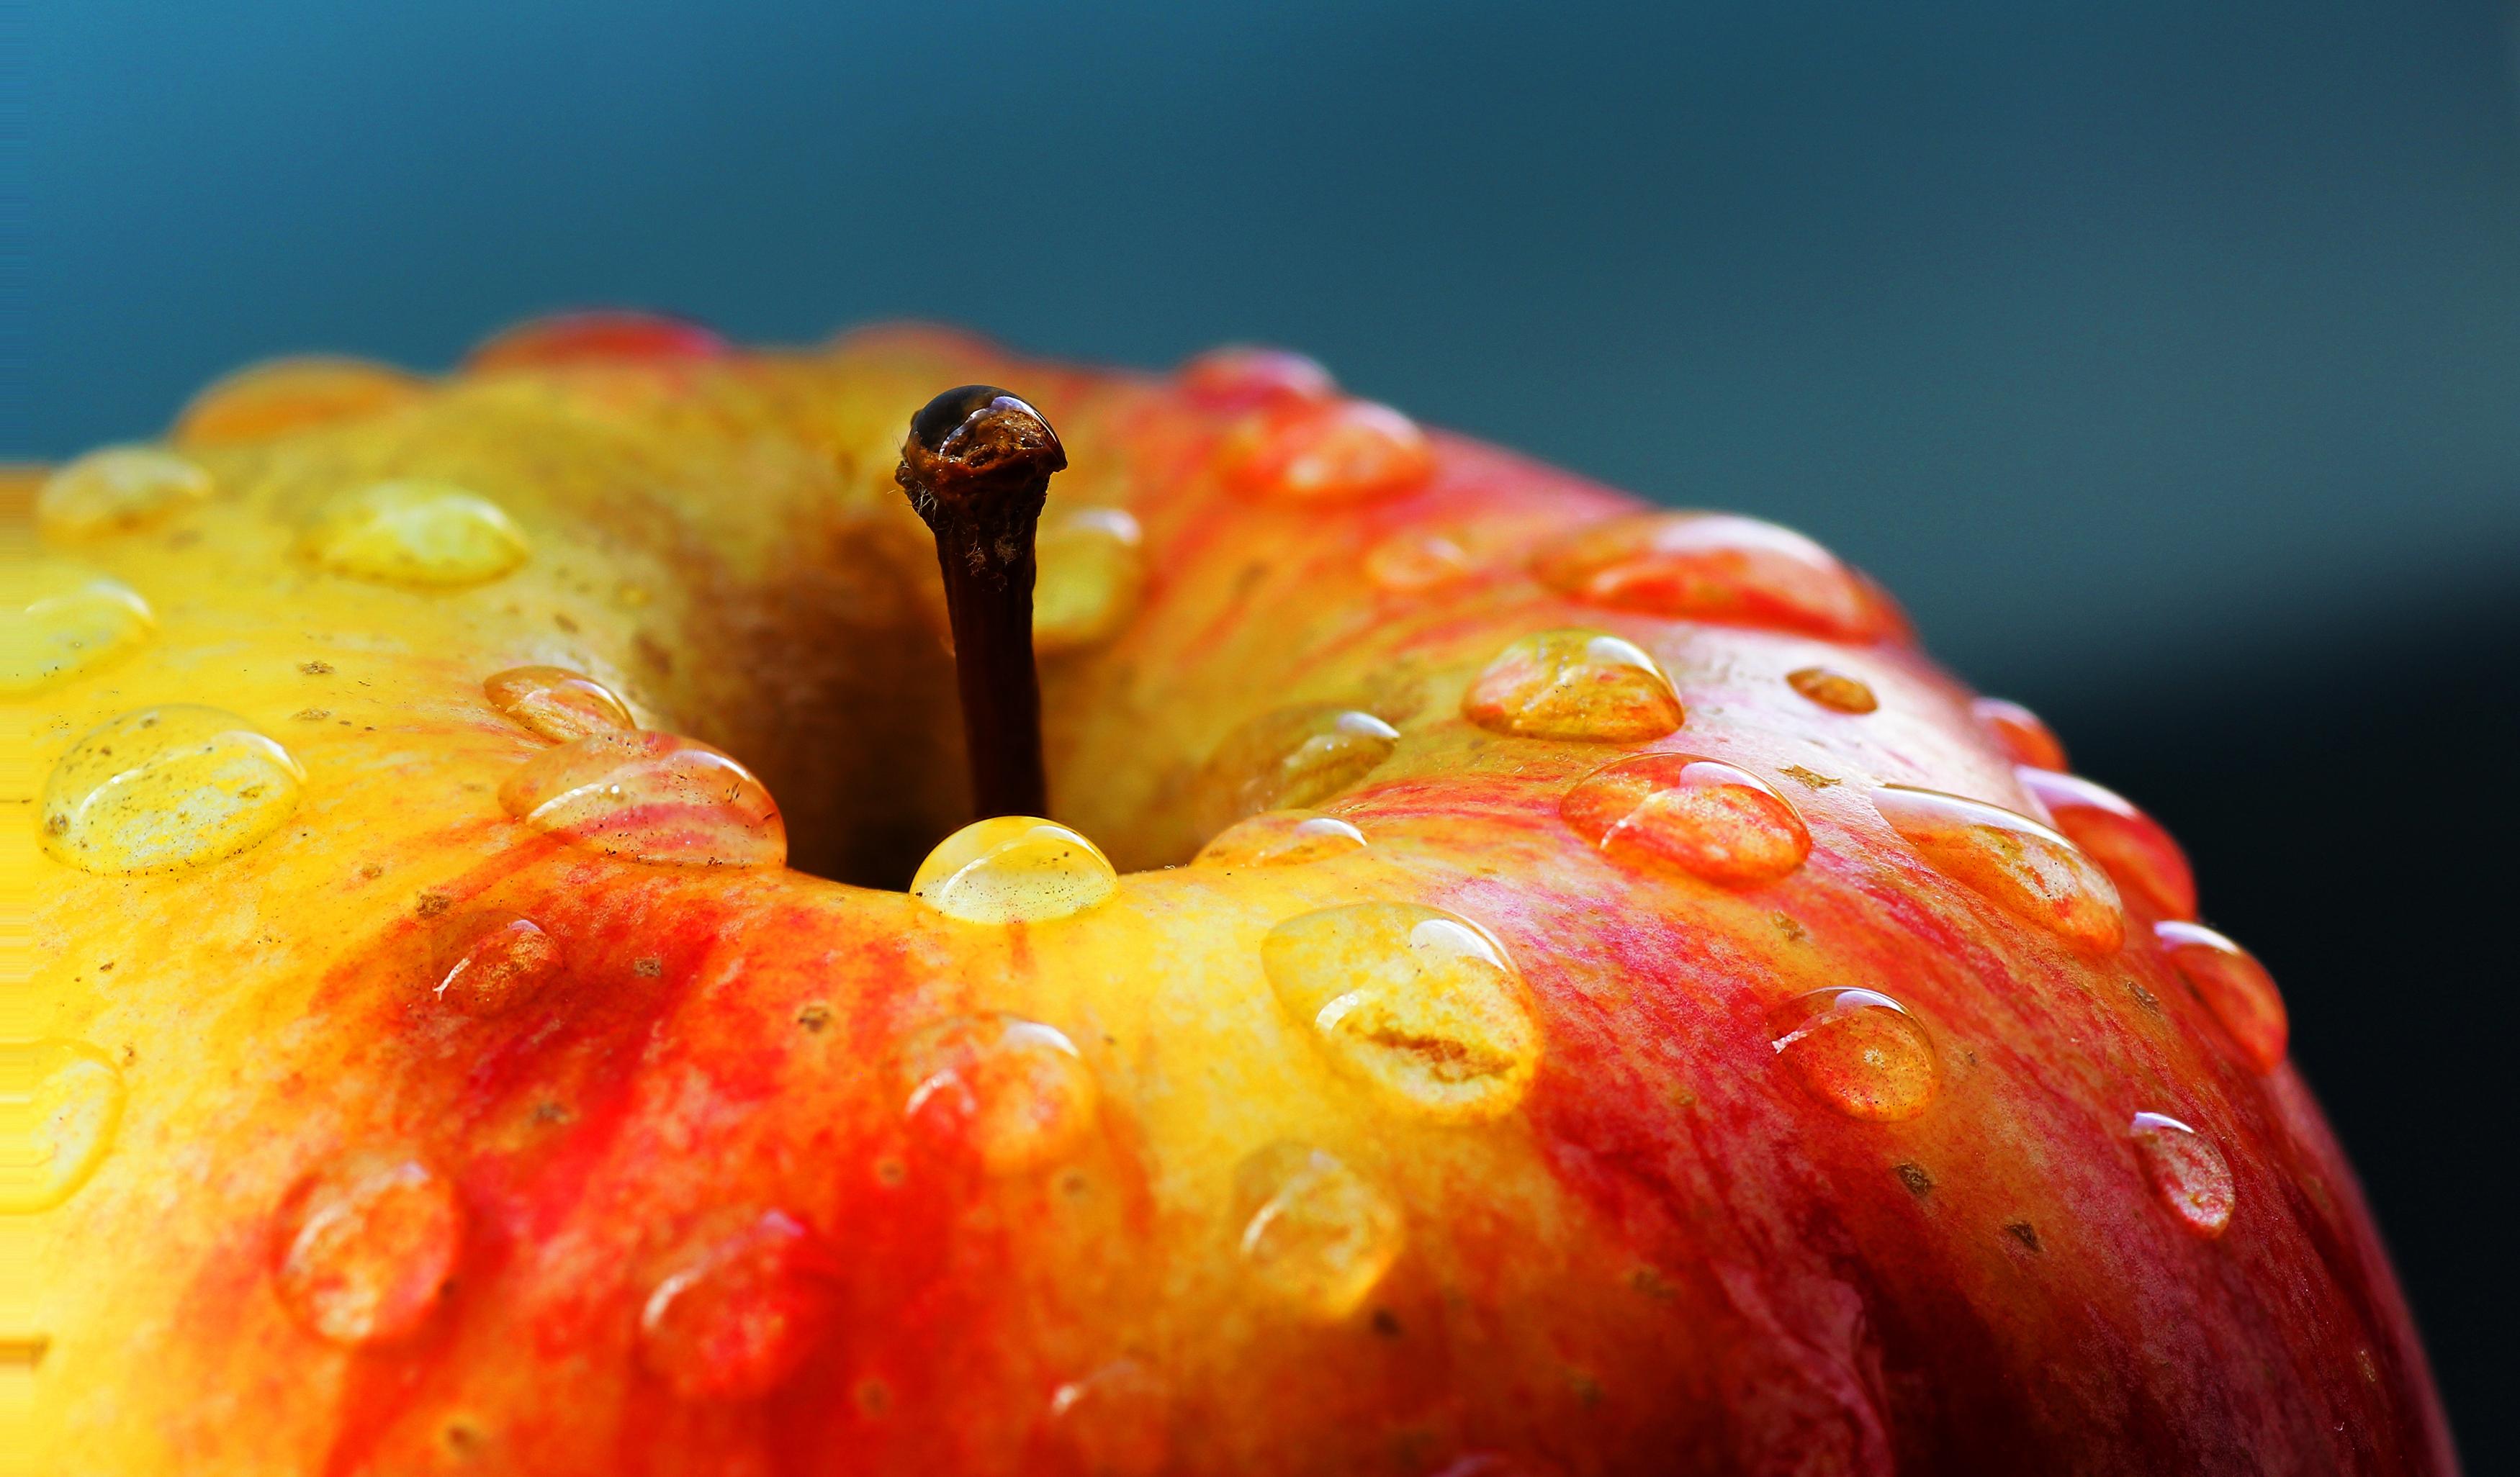 Картинки макросъемка фрукты, днем рождения